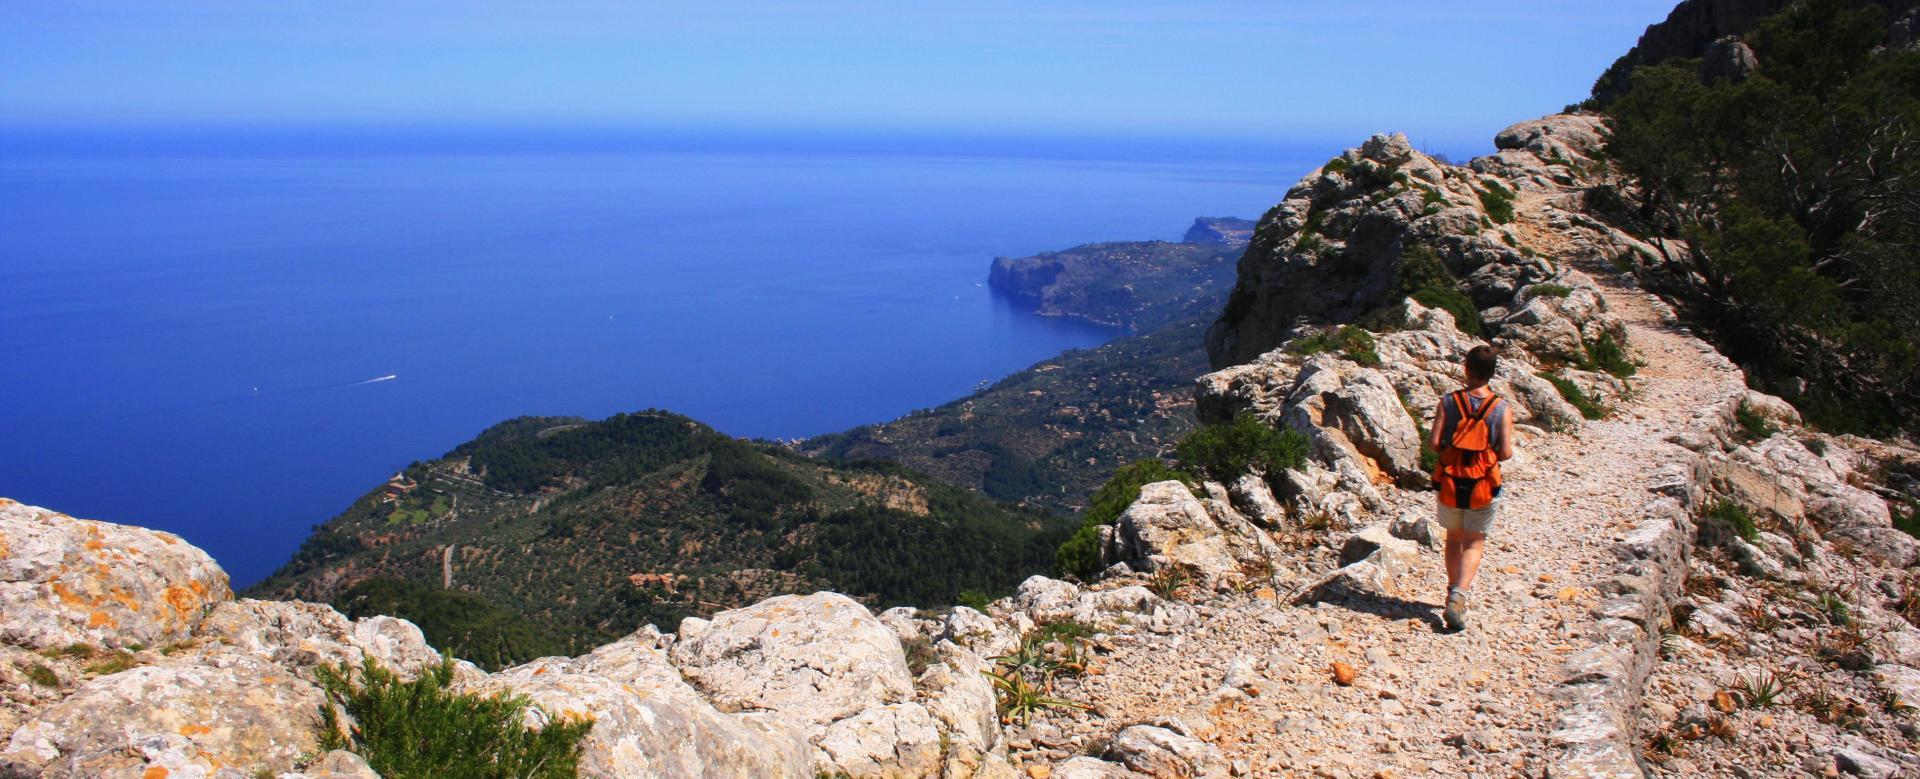 Voyage à pied Espagne : La traversée de majorque